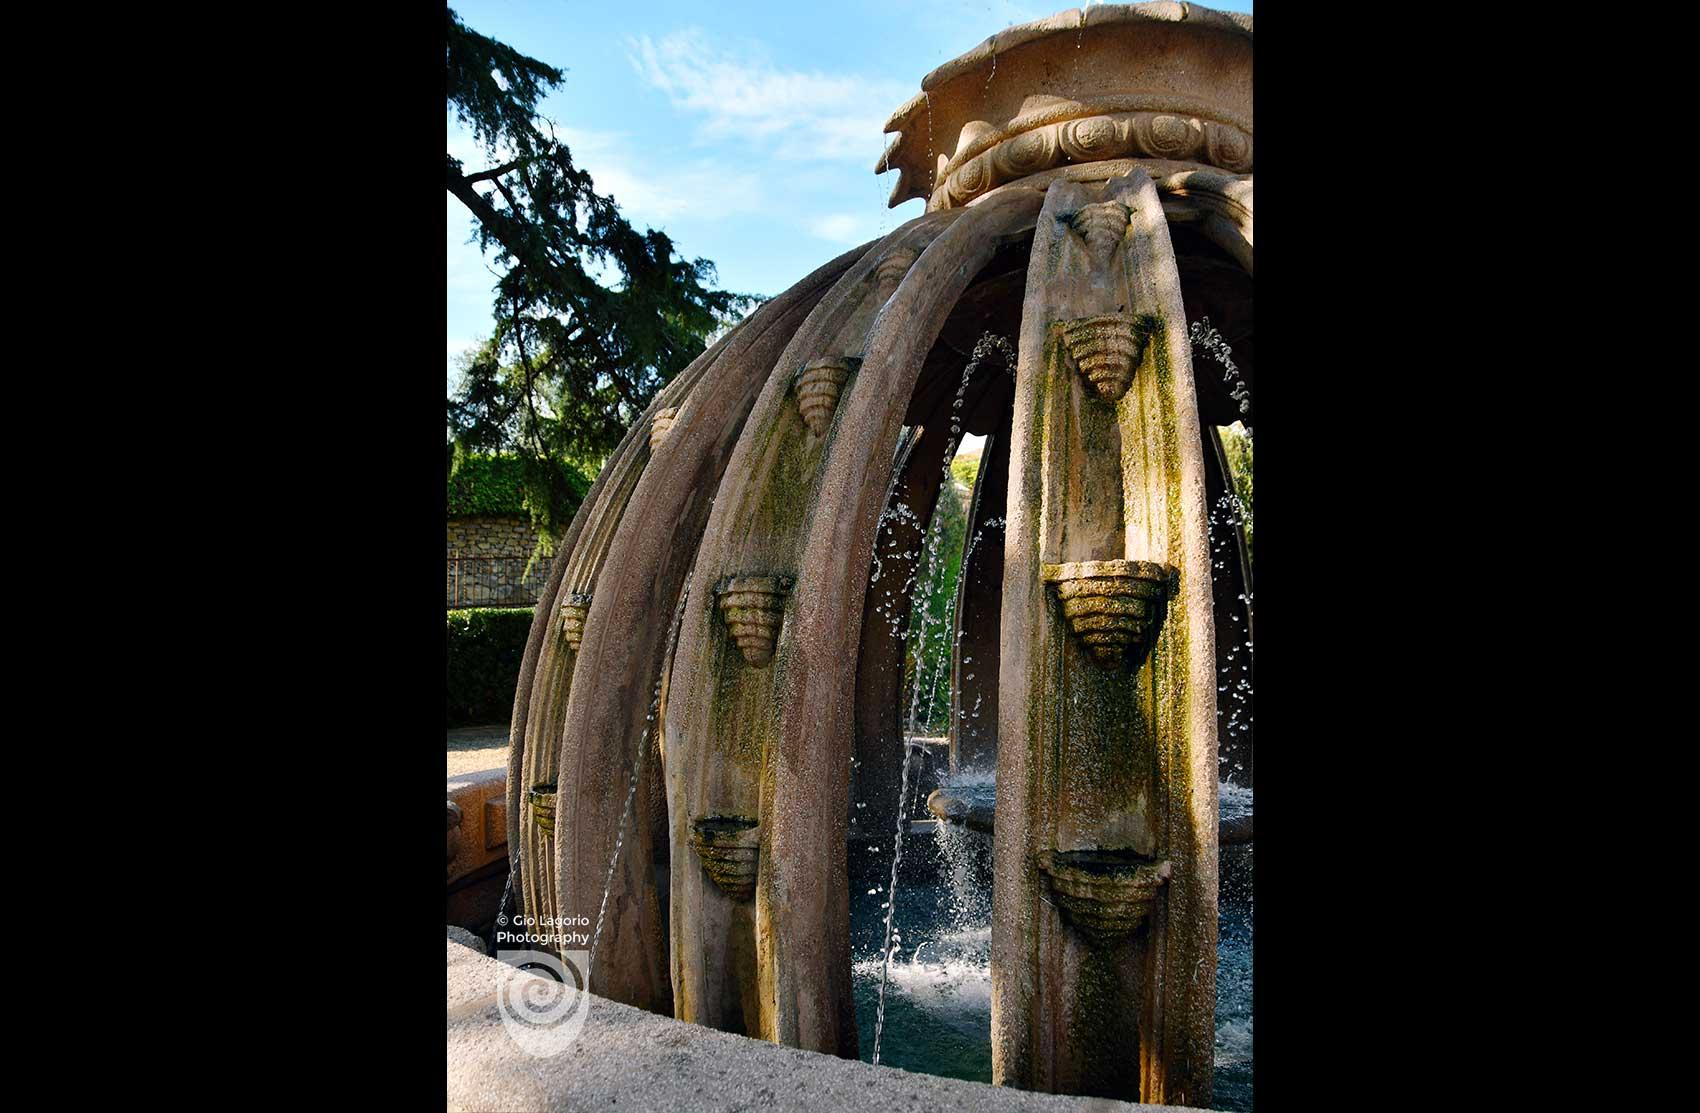 Dettaglio della fontana